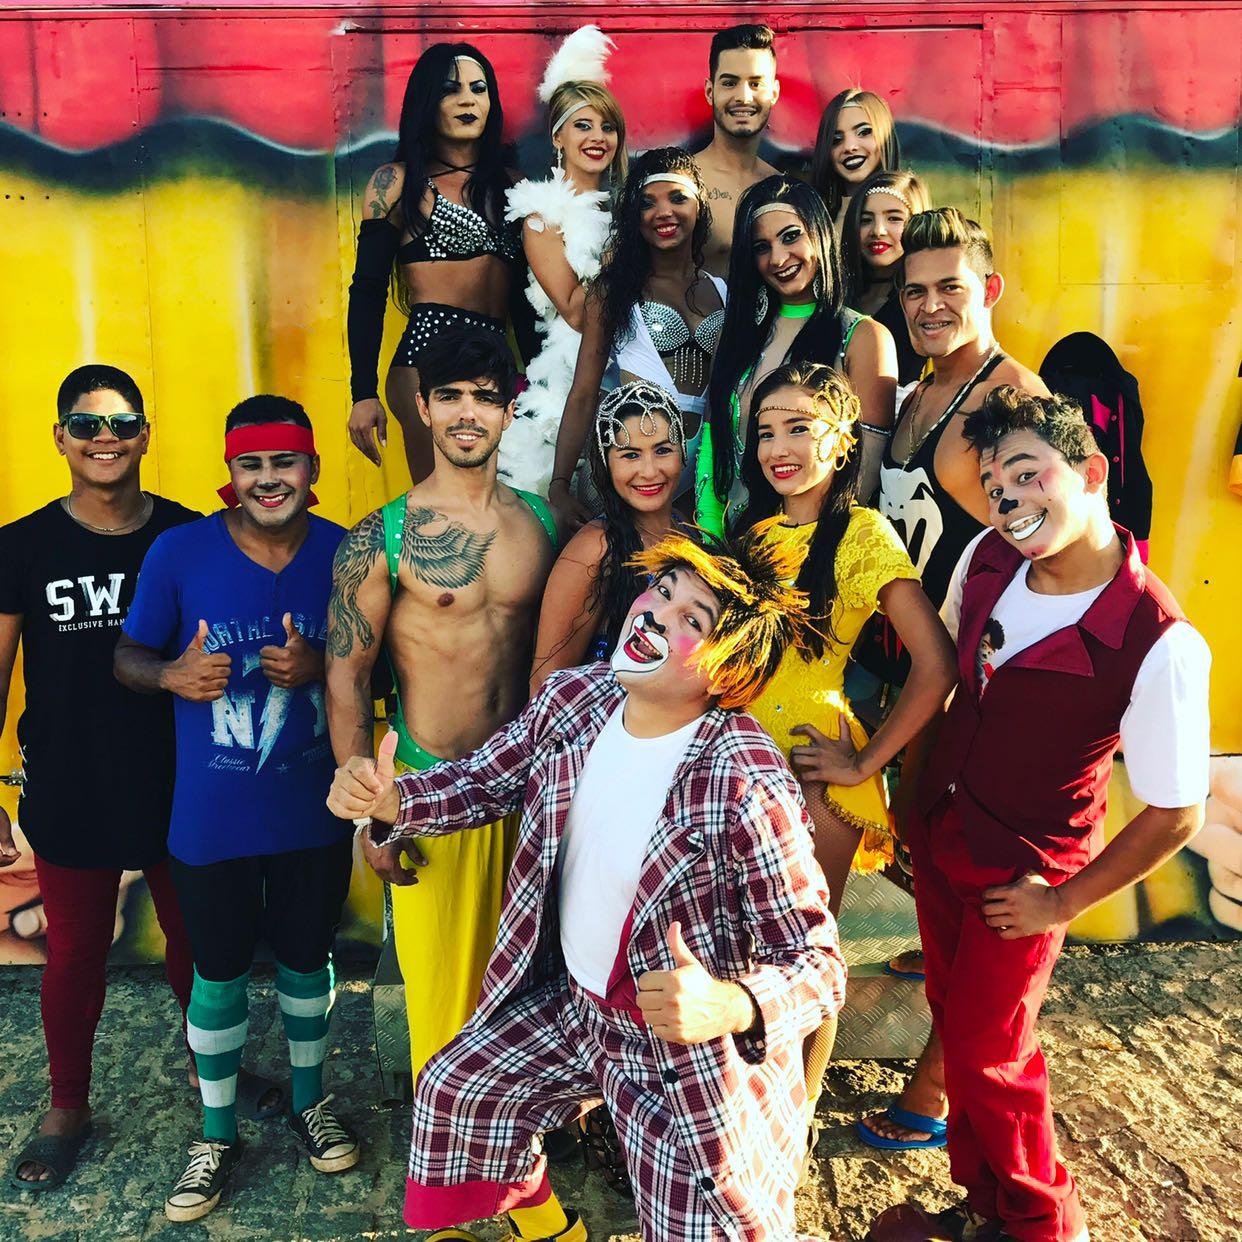 Equipe do Fuxiquinho Circo Show passando uma temporada em Pau dos Ferros/RN.